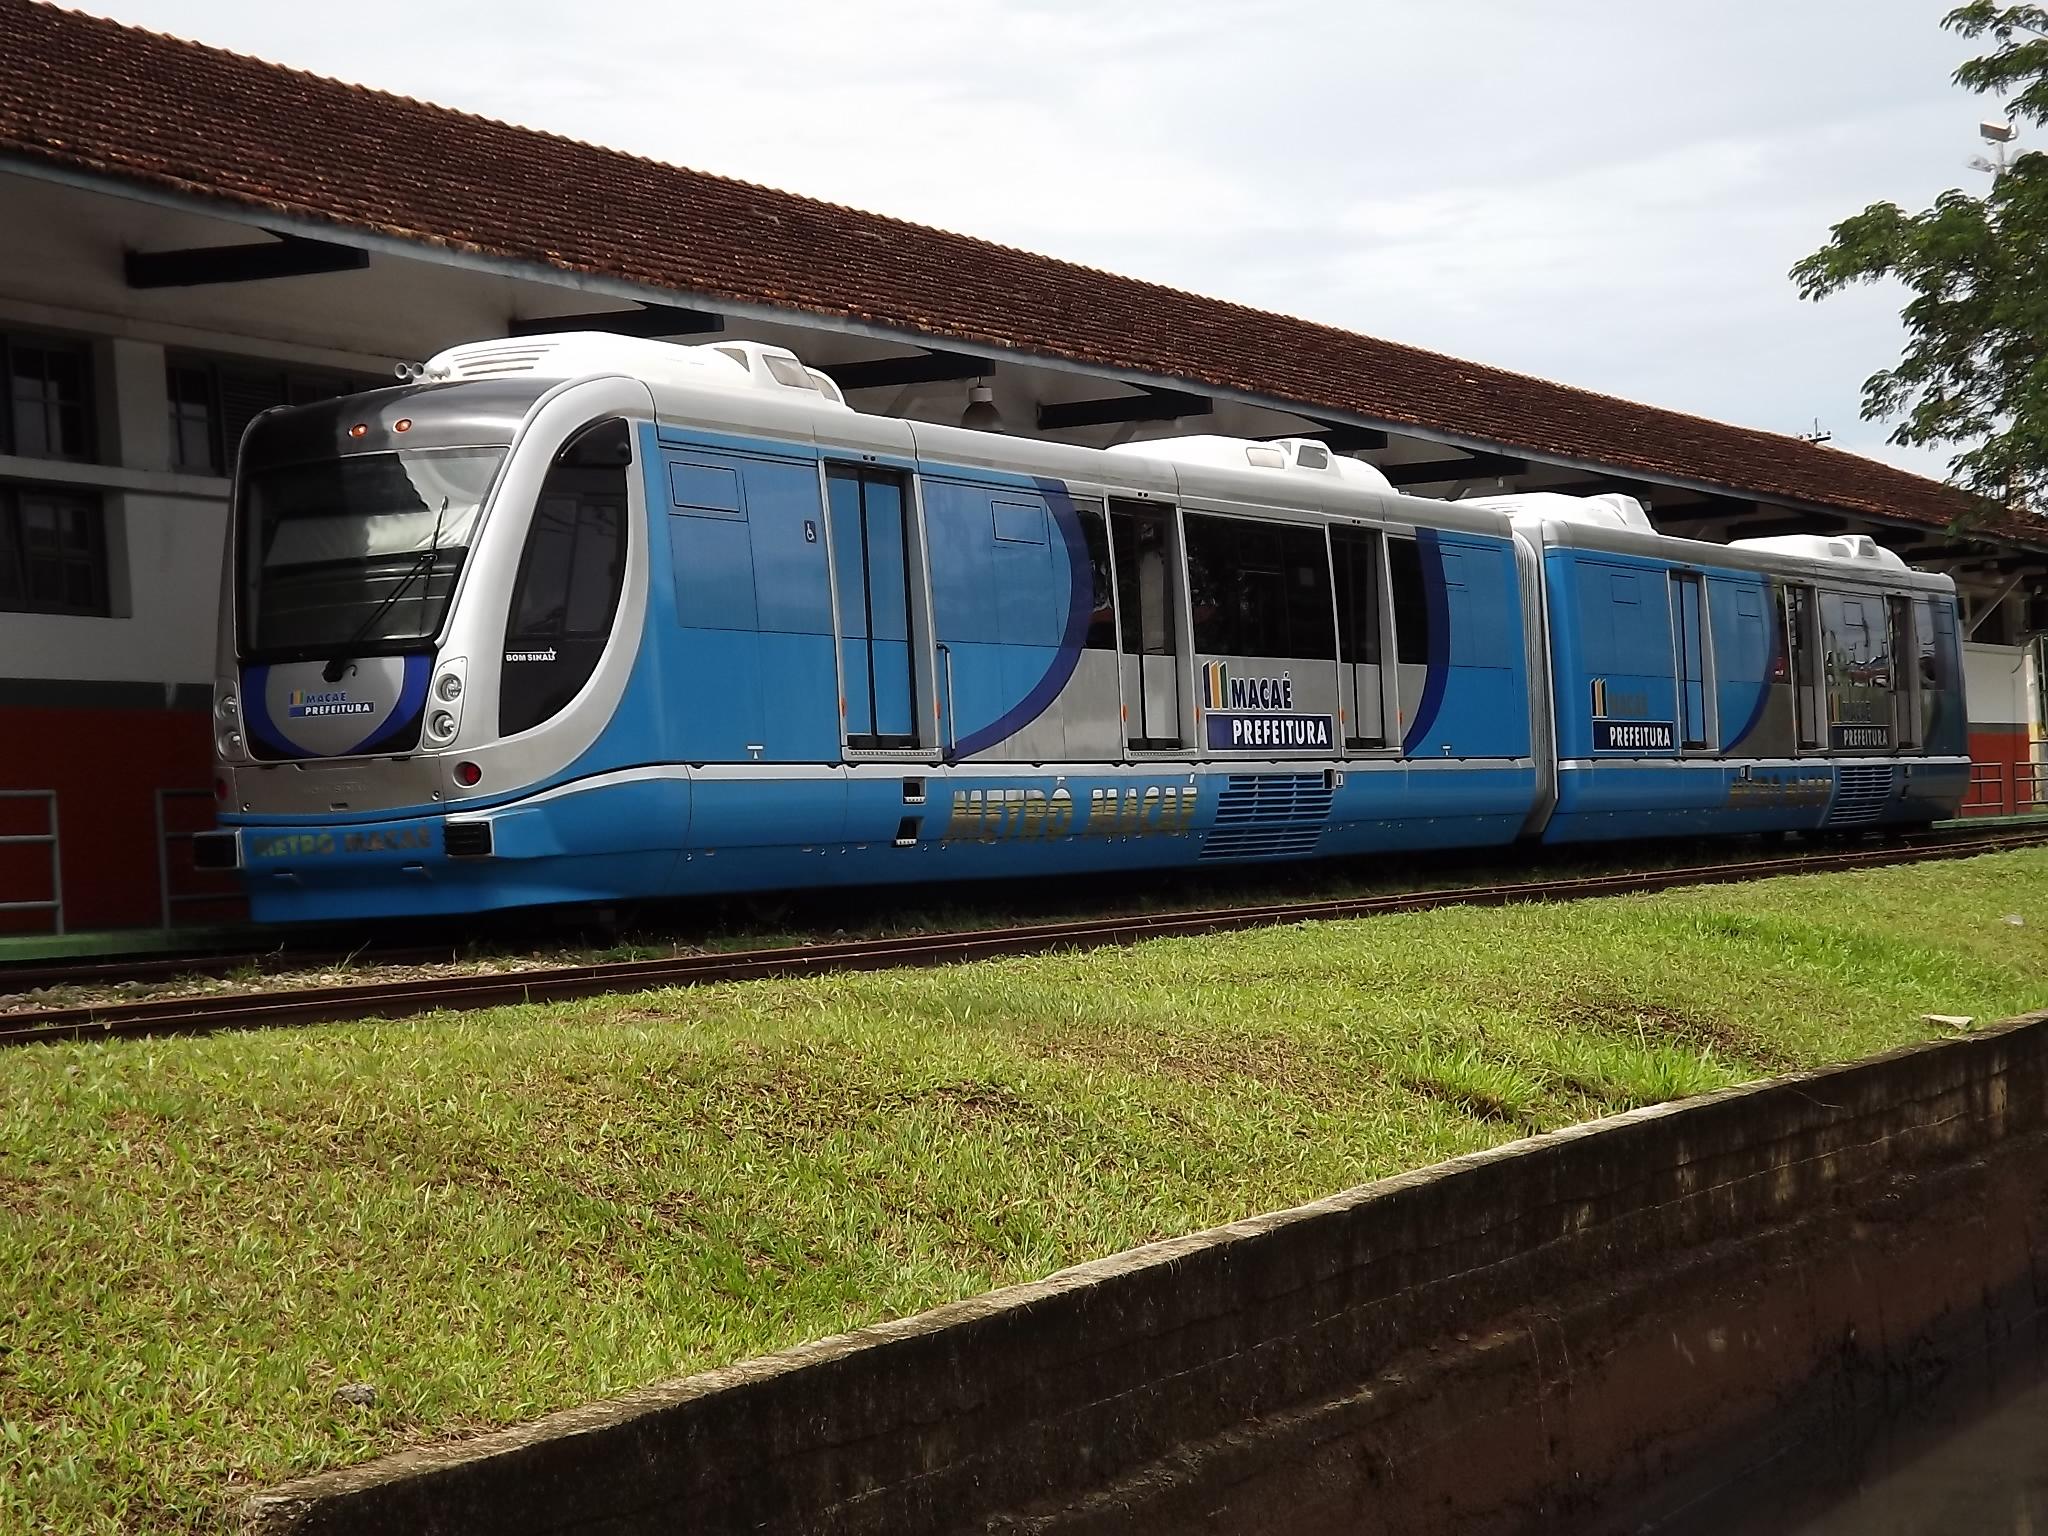 VLT de Macaé, inutilizado, seria implantado nos ramais Vila Inhomirim e Guapimirim, substituindo trens a diesel. Foto: Eduardo P. Moreira/Wikimedia Commons